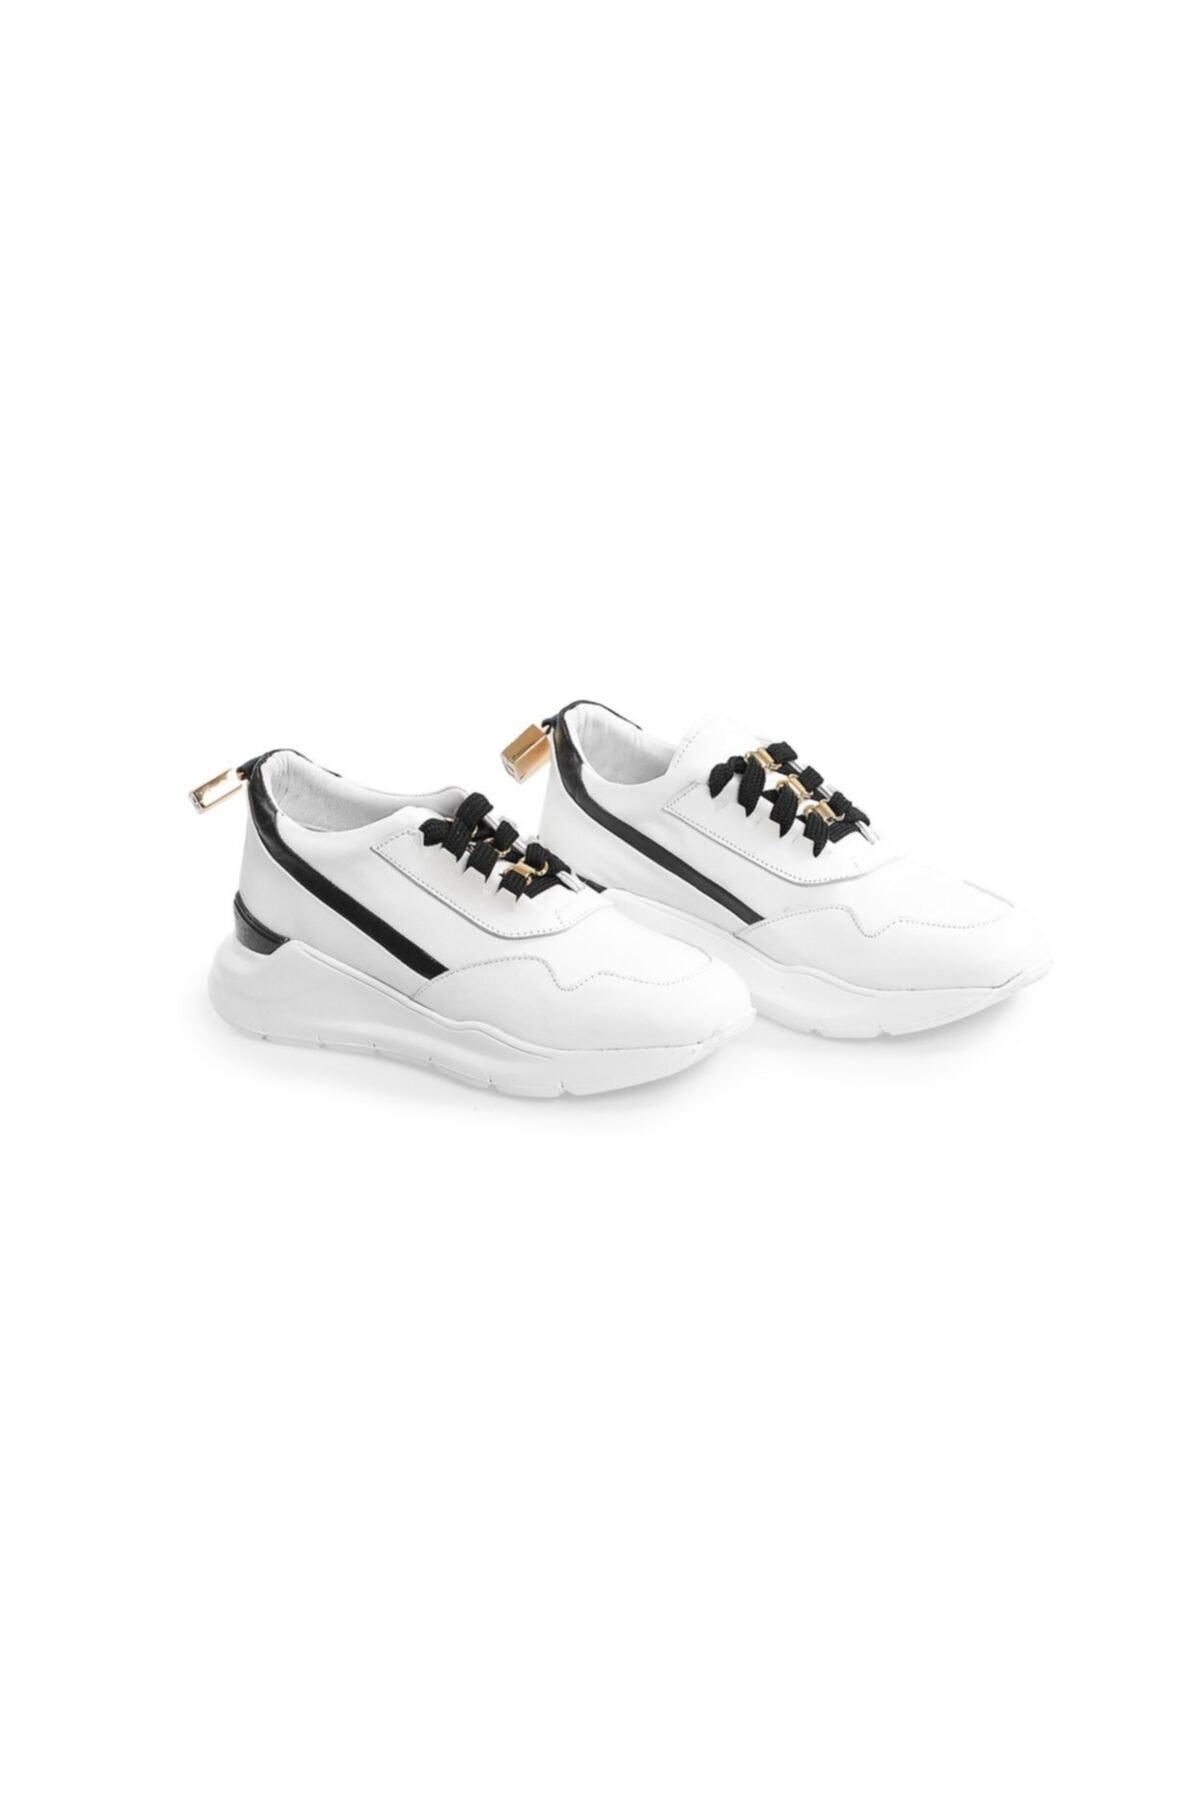 Flower Beyaz Deri Aksesuar Detaylı Spor Ayakkabı 2